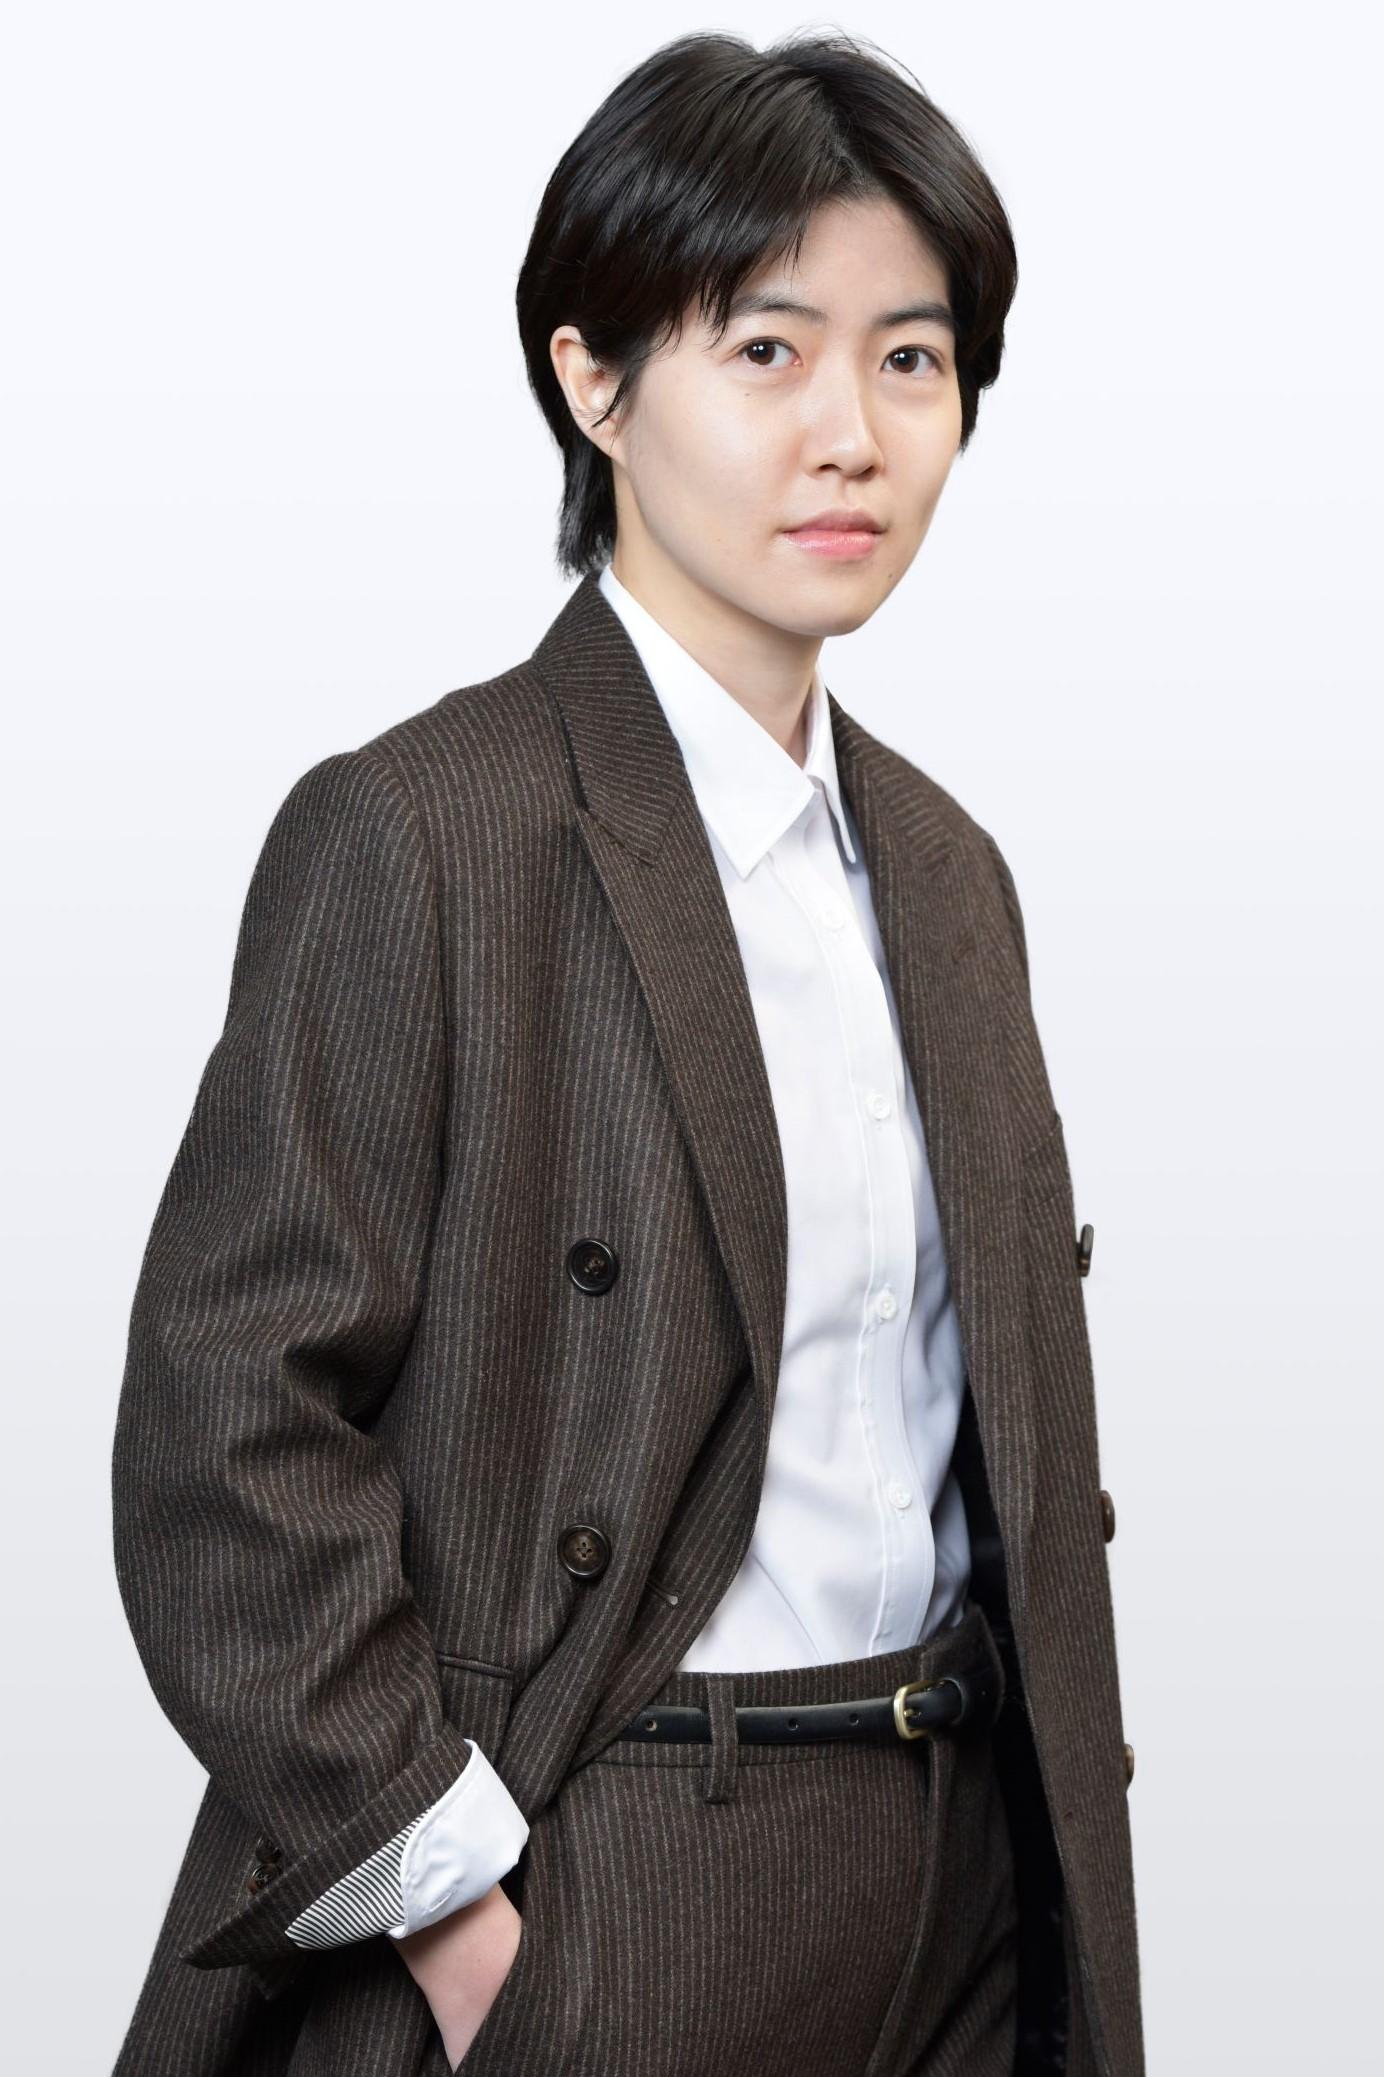 シム・ウンギョン演じる倉木セナ (C)「アノニマス」製作委員会